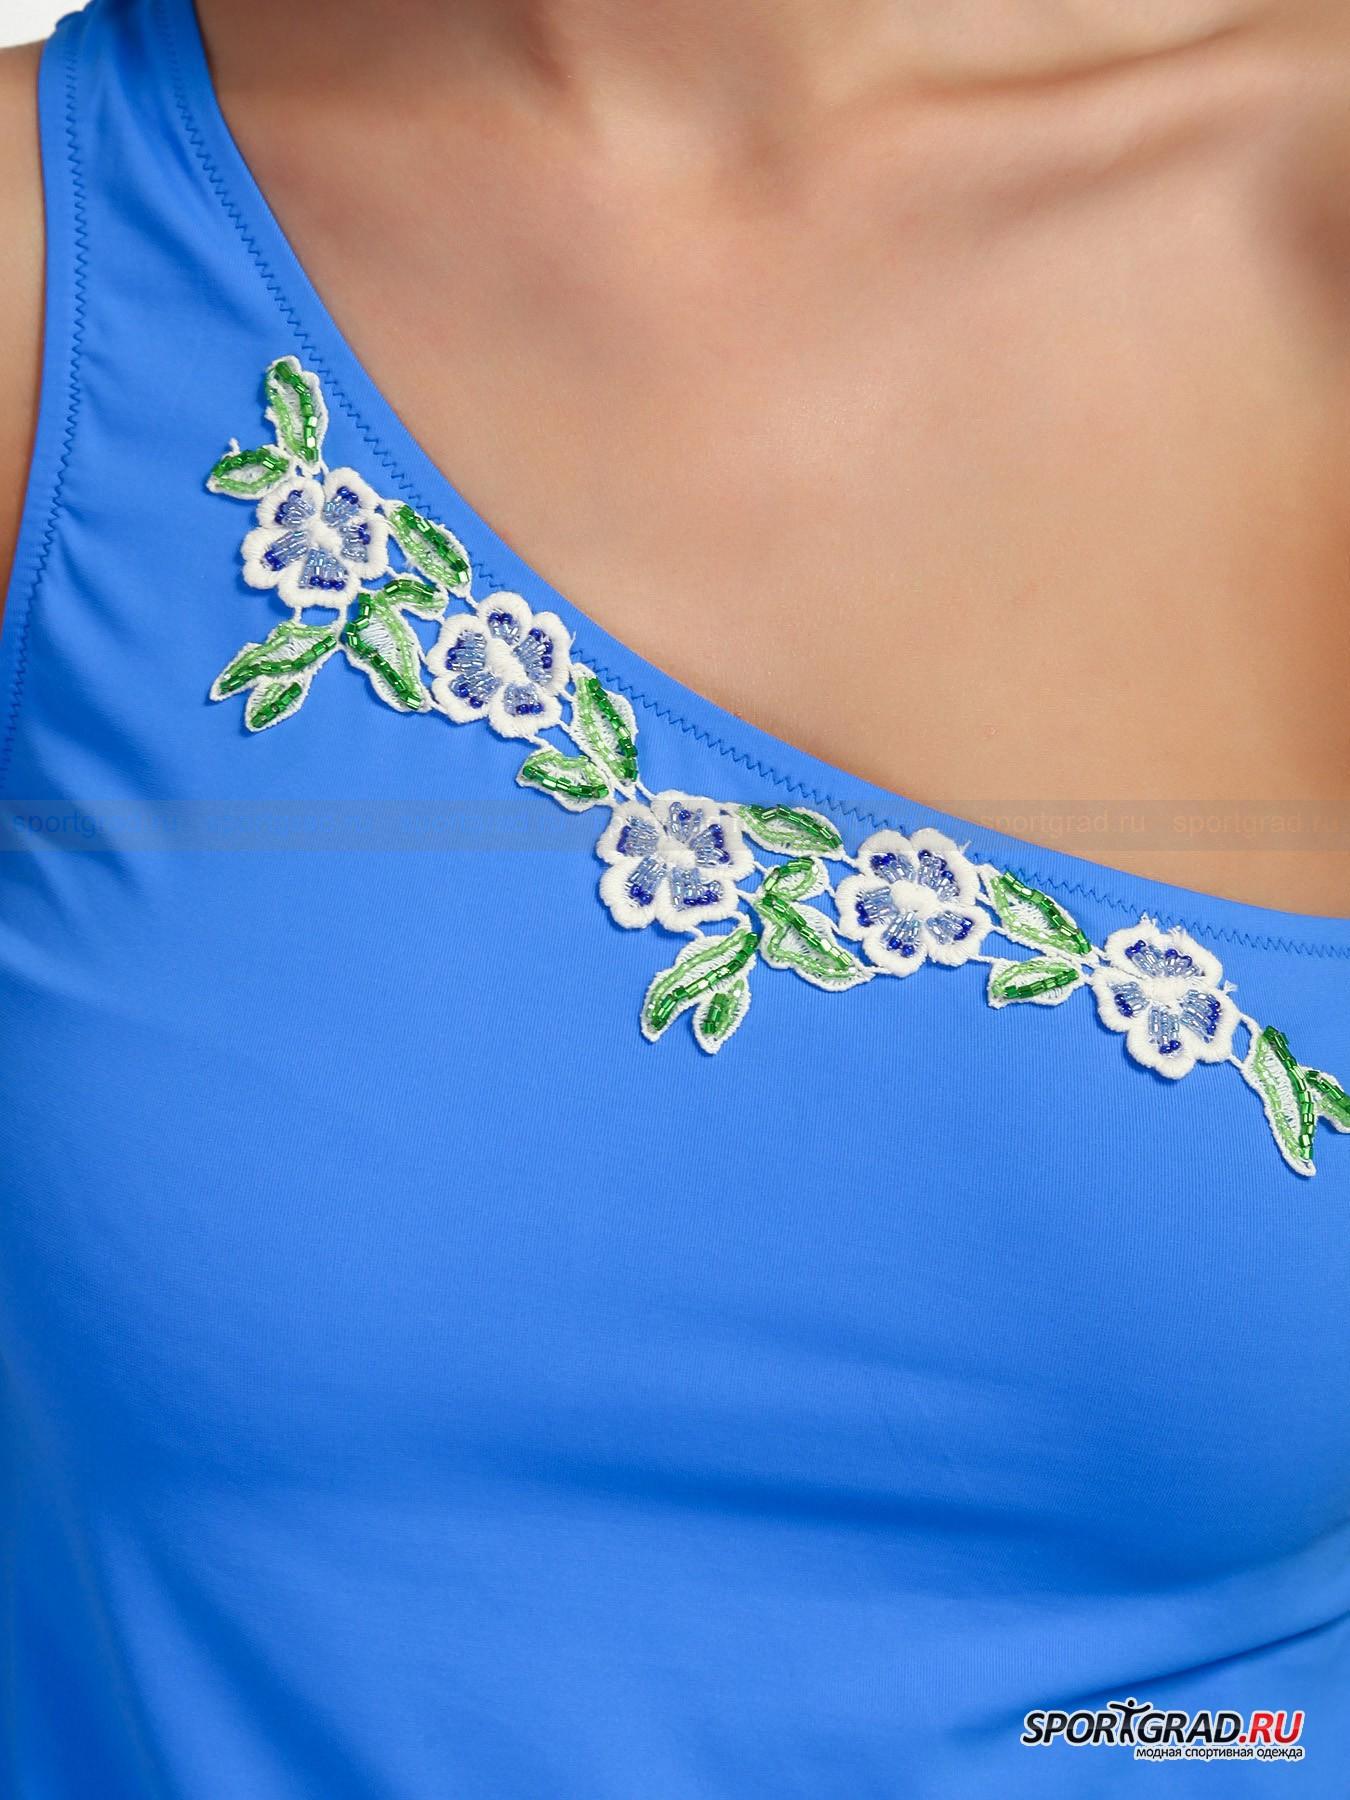 Сарафан-купальник Dress  BLUGIRL для пляжного отдыха от Спортград